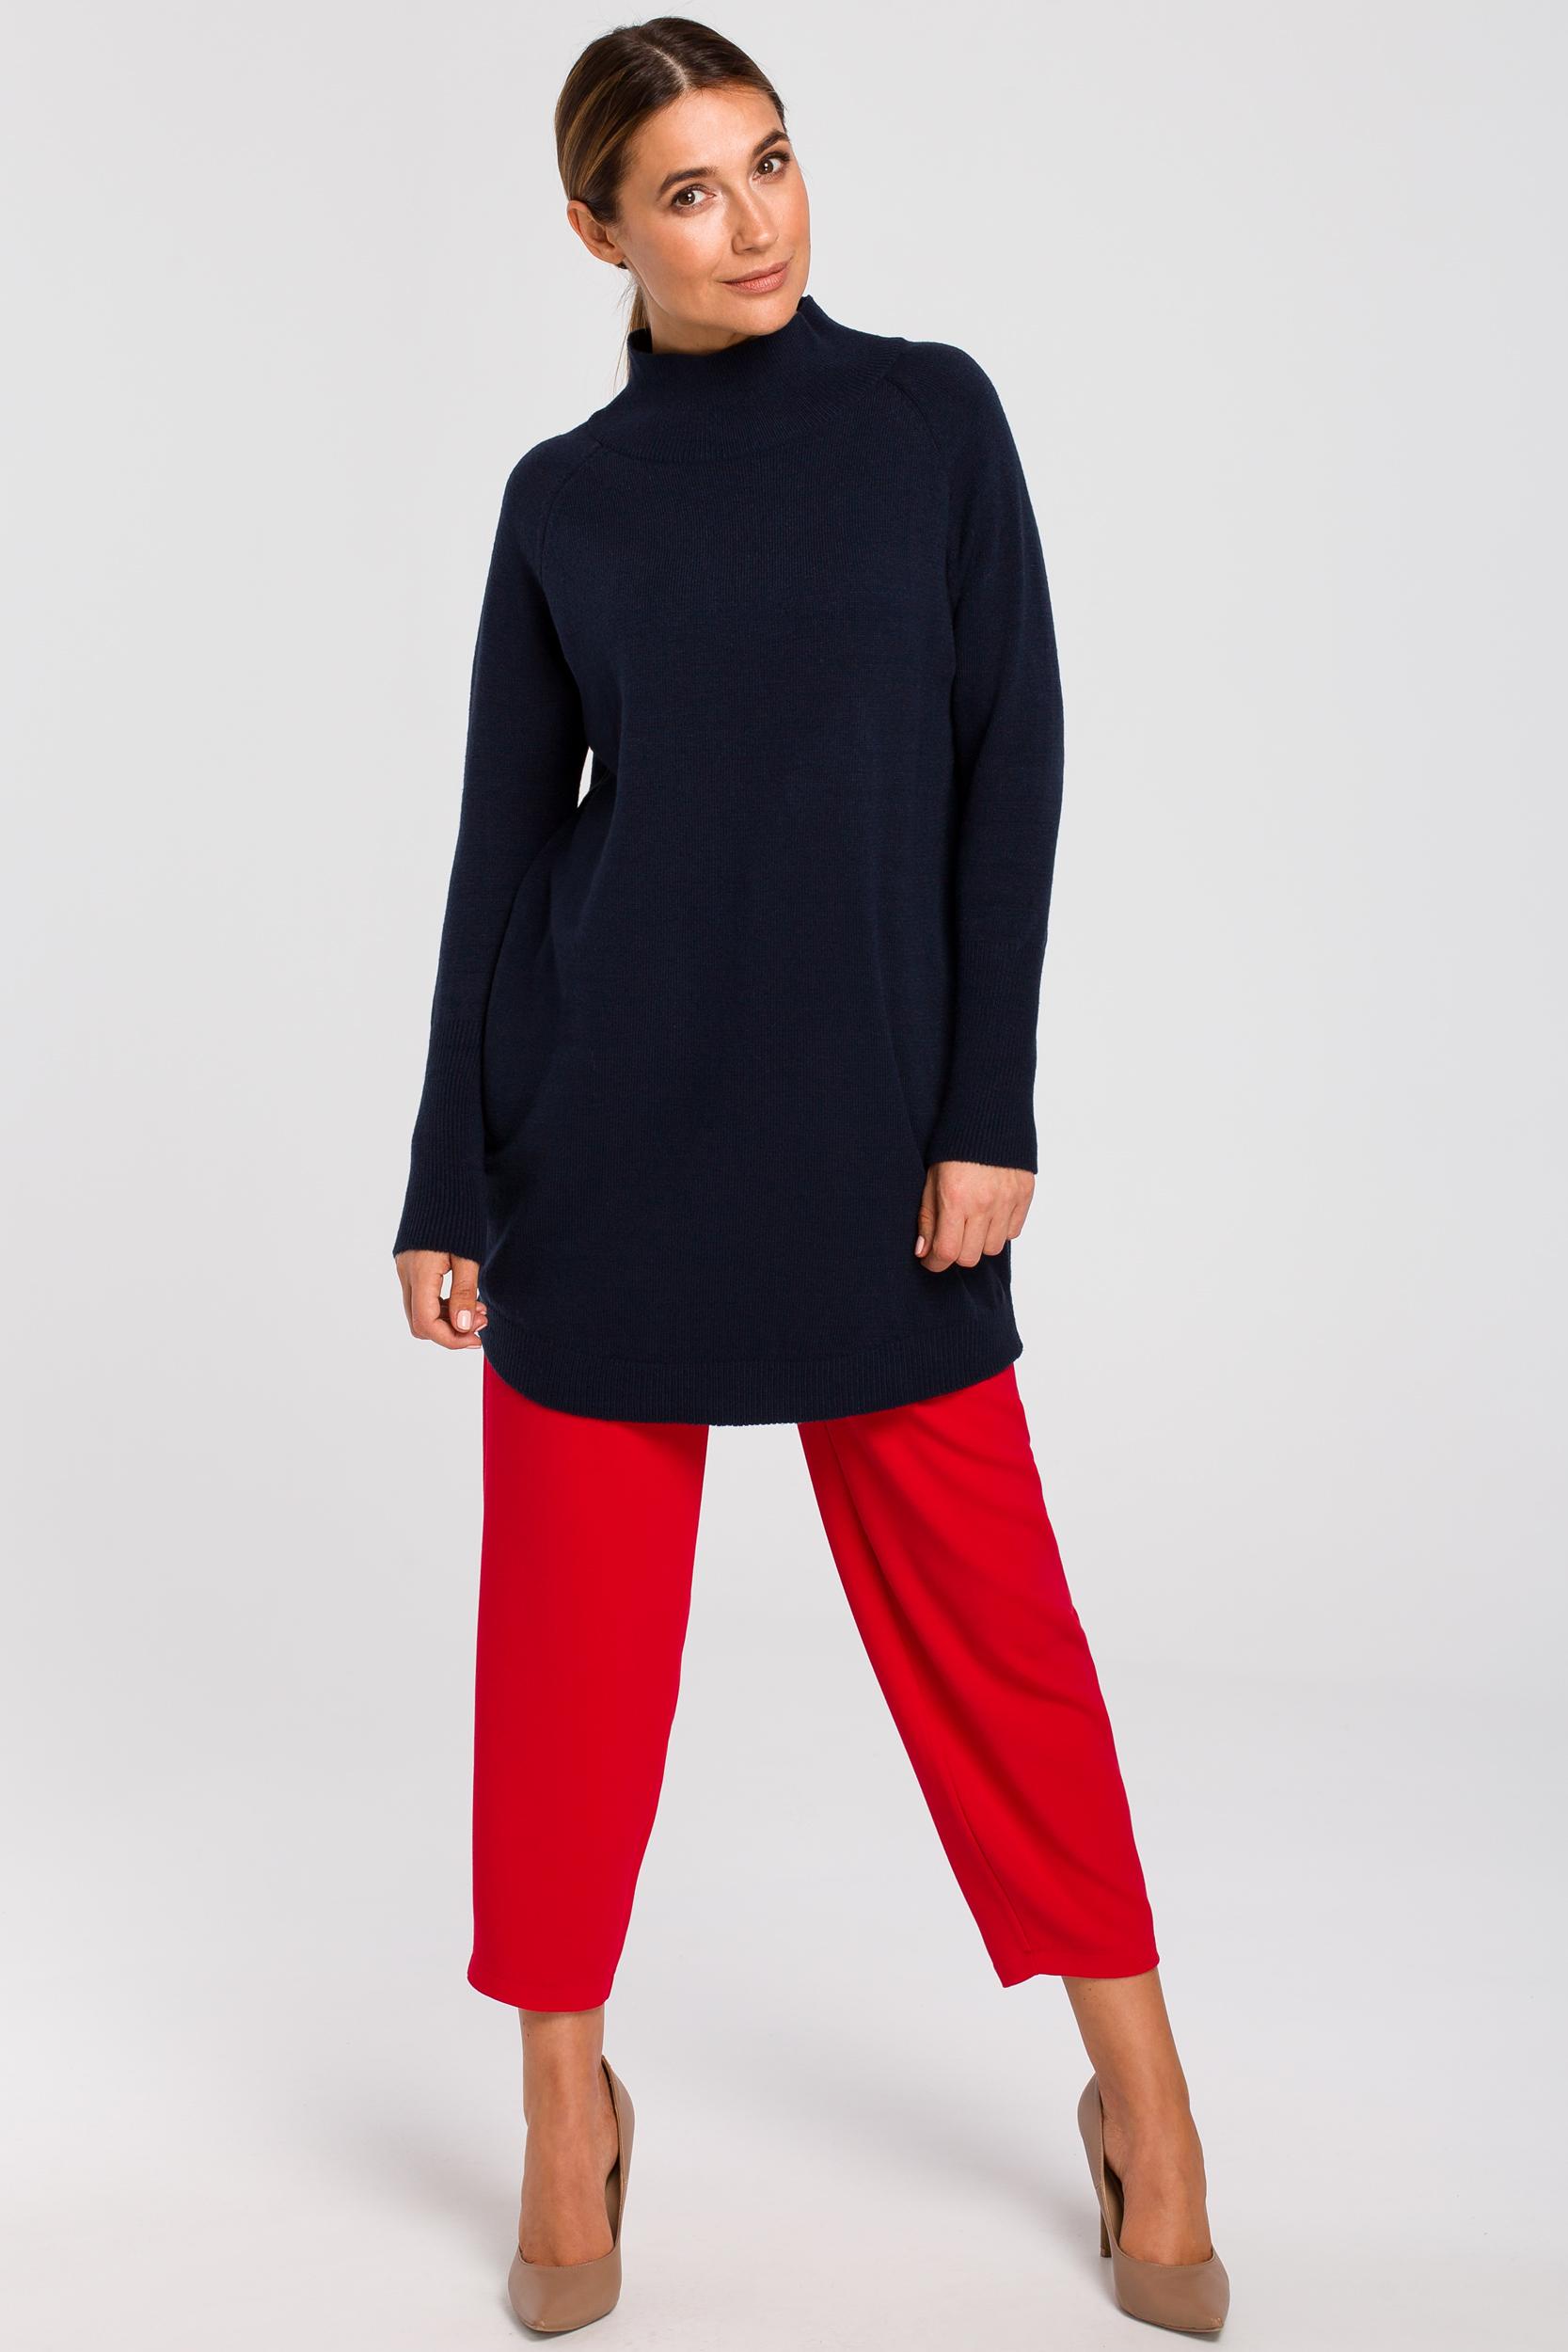 CM4646 Dłuższy sweter z prążkowanym półgolfem - granatowy